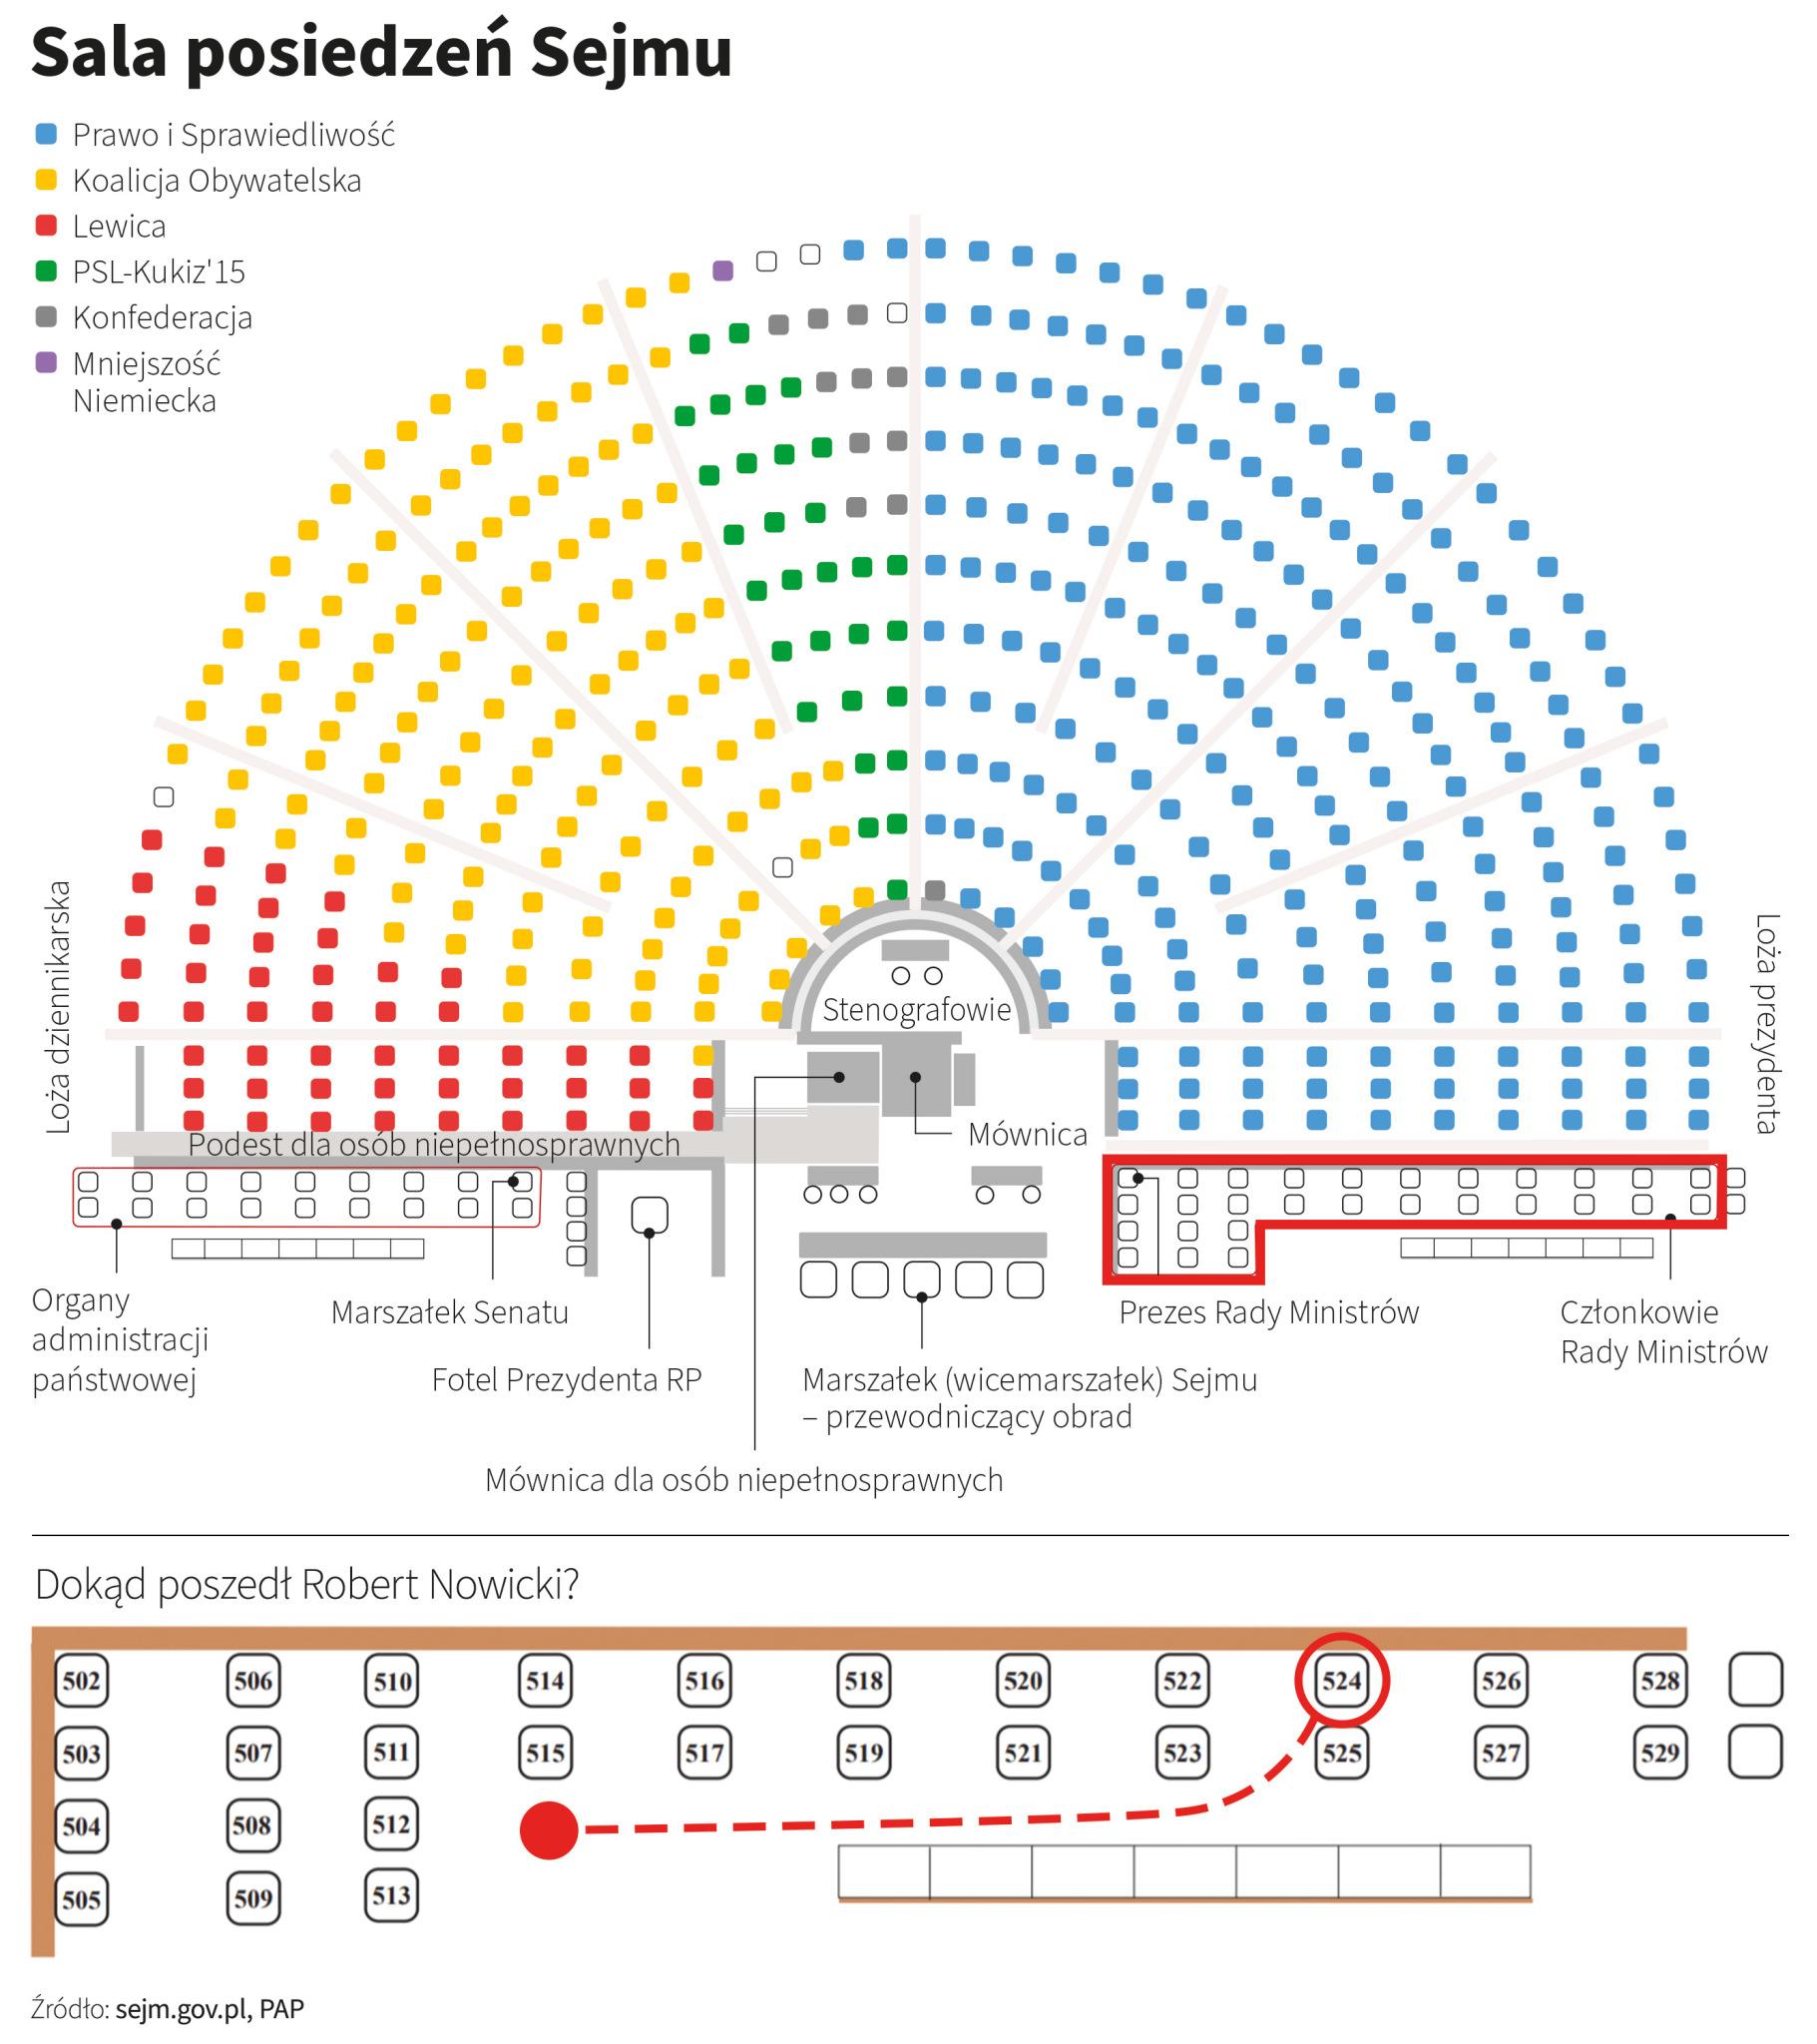 Wiceminister Nowicki podszedł do czwartego rzędu ministerialnych miejsc